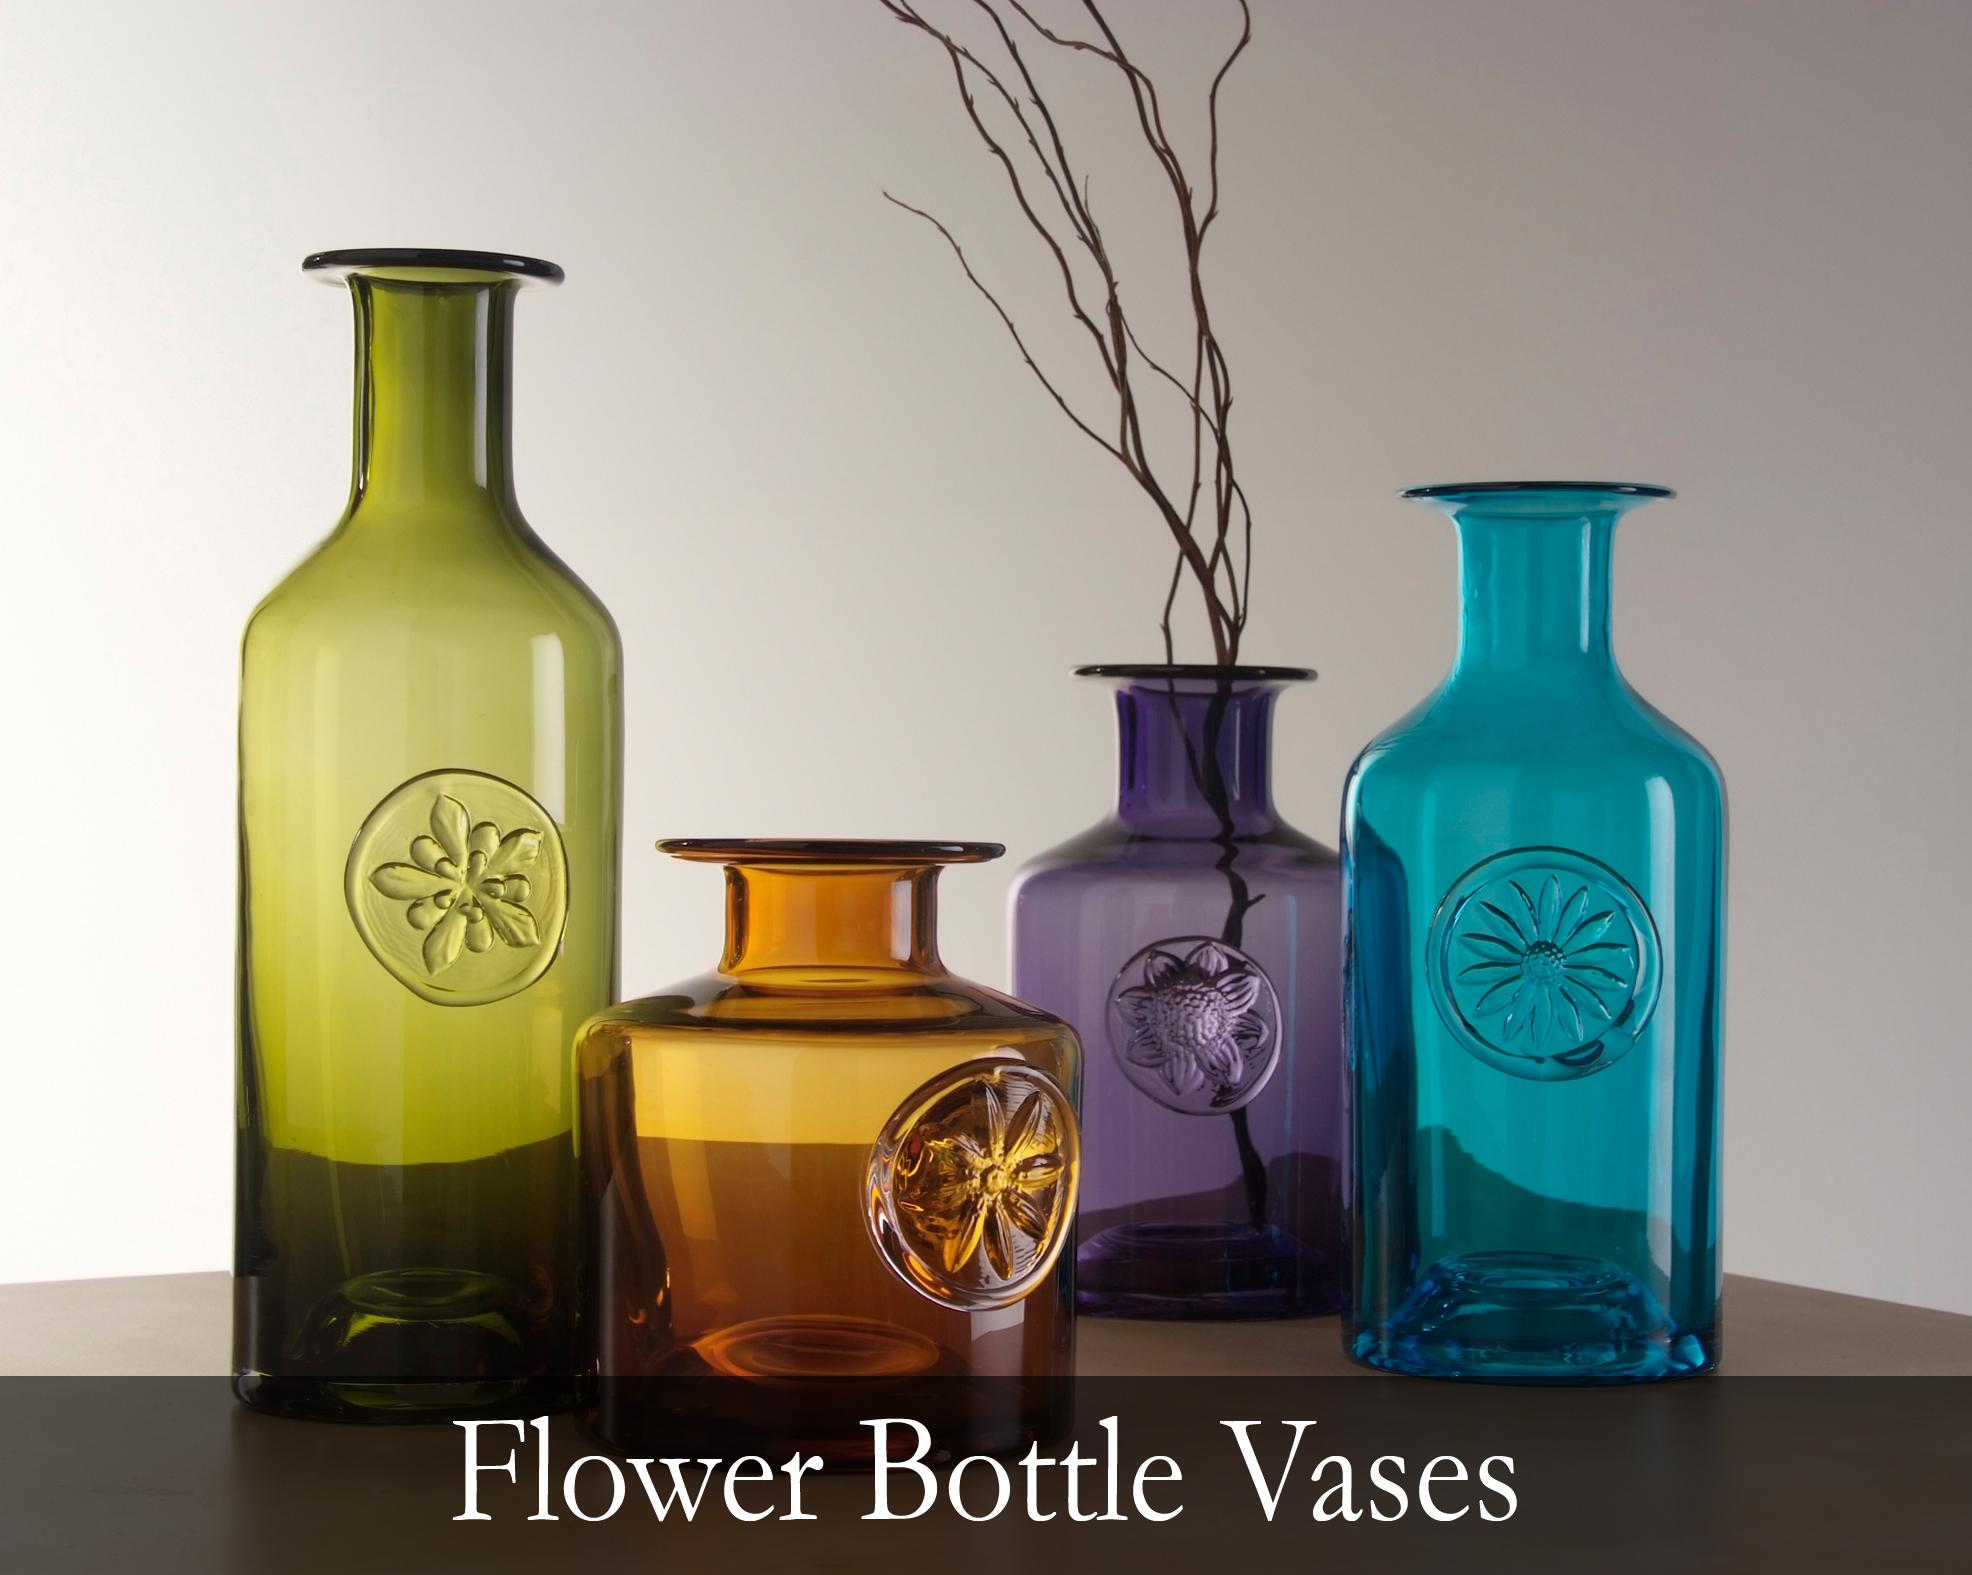 Flower Bottle Vases